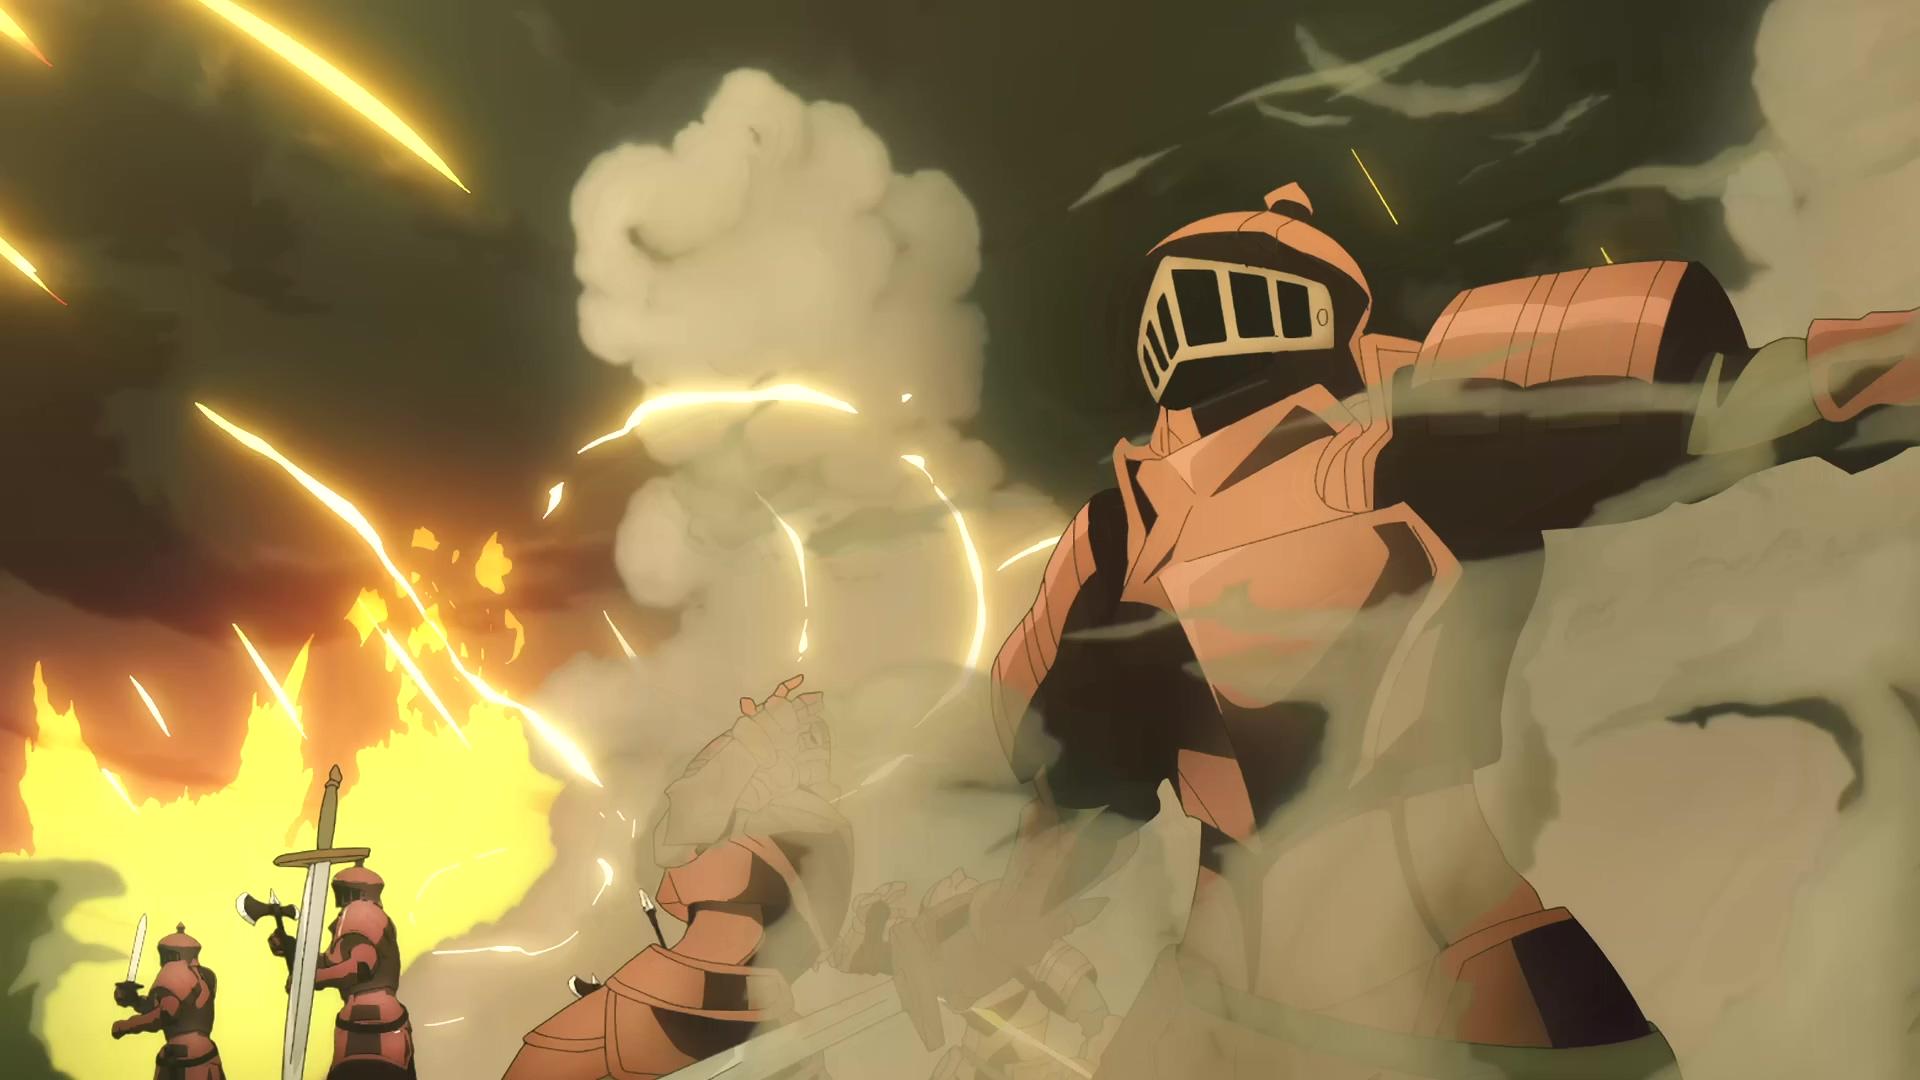 Кадр из аниме Мастера меча онлайн: Алисизация - Война в Подмирье [ТВ-2]